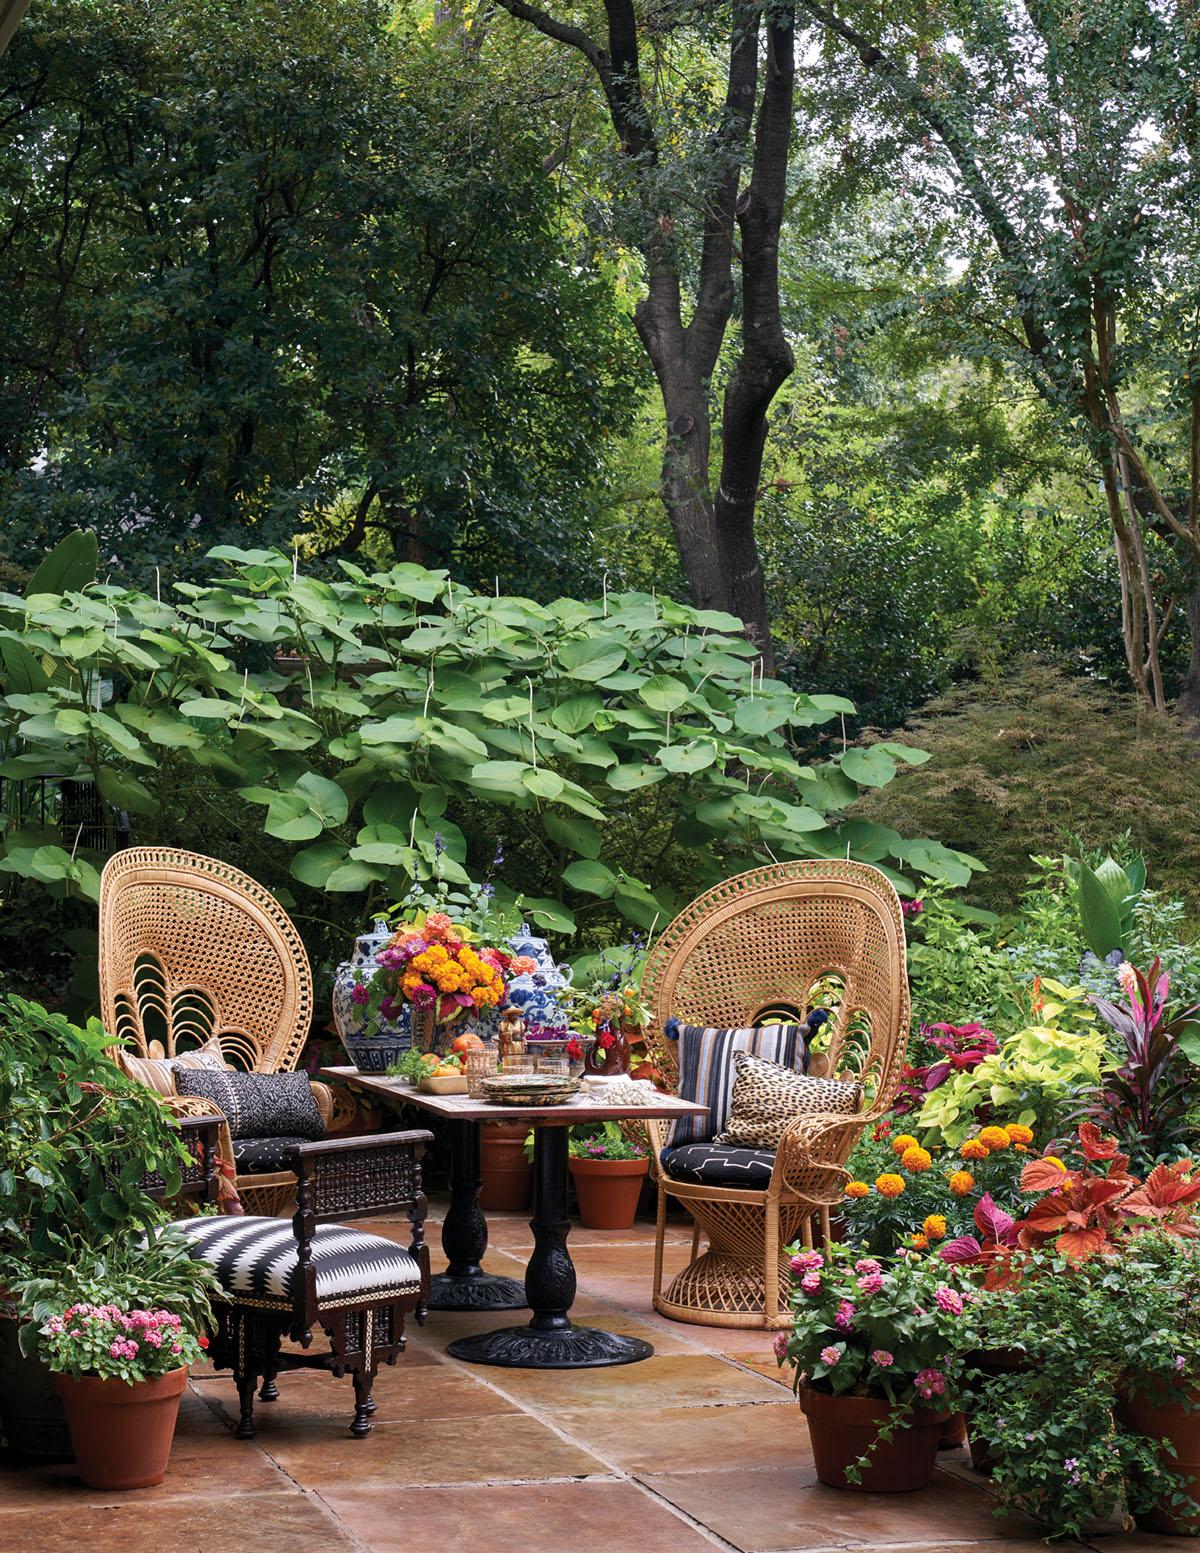 Michelle Nussbaumer's patio, outdoor furniture